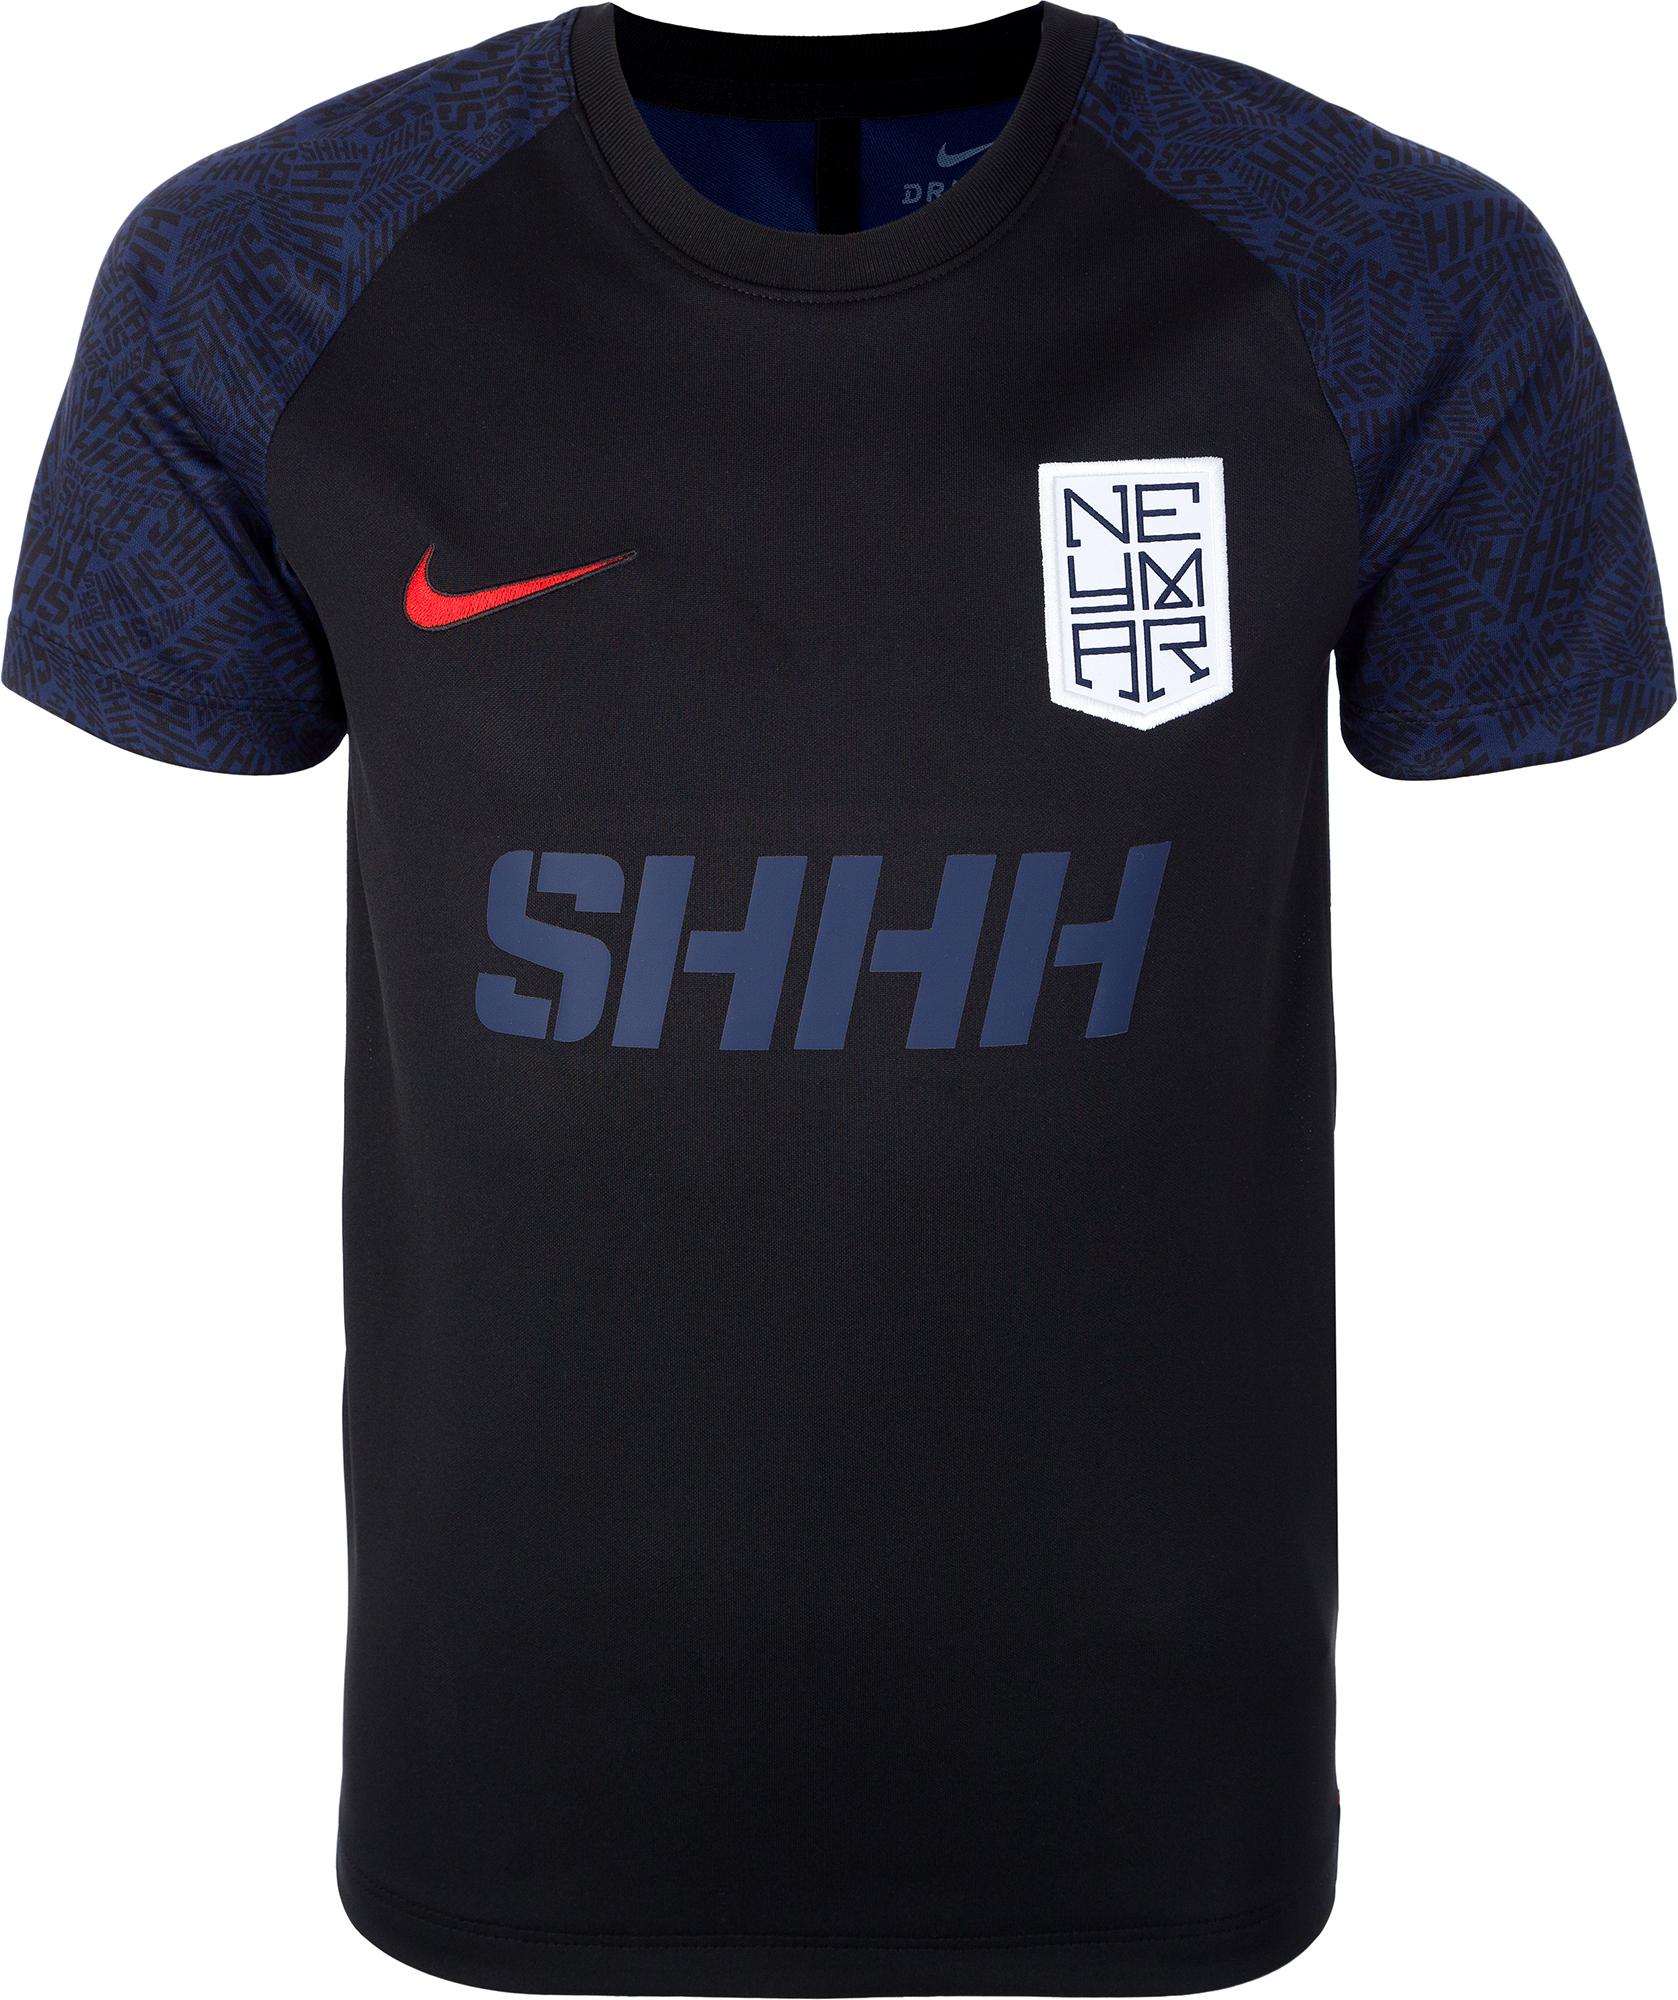 цена на Nike Футболка для мальчиков Nike Neymar, размер 158-170